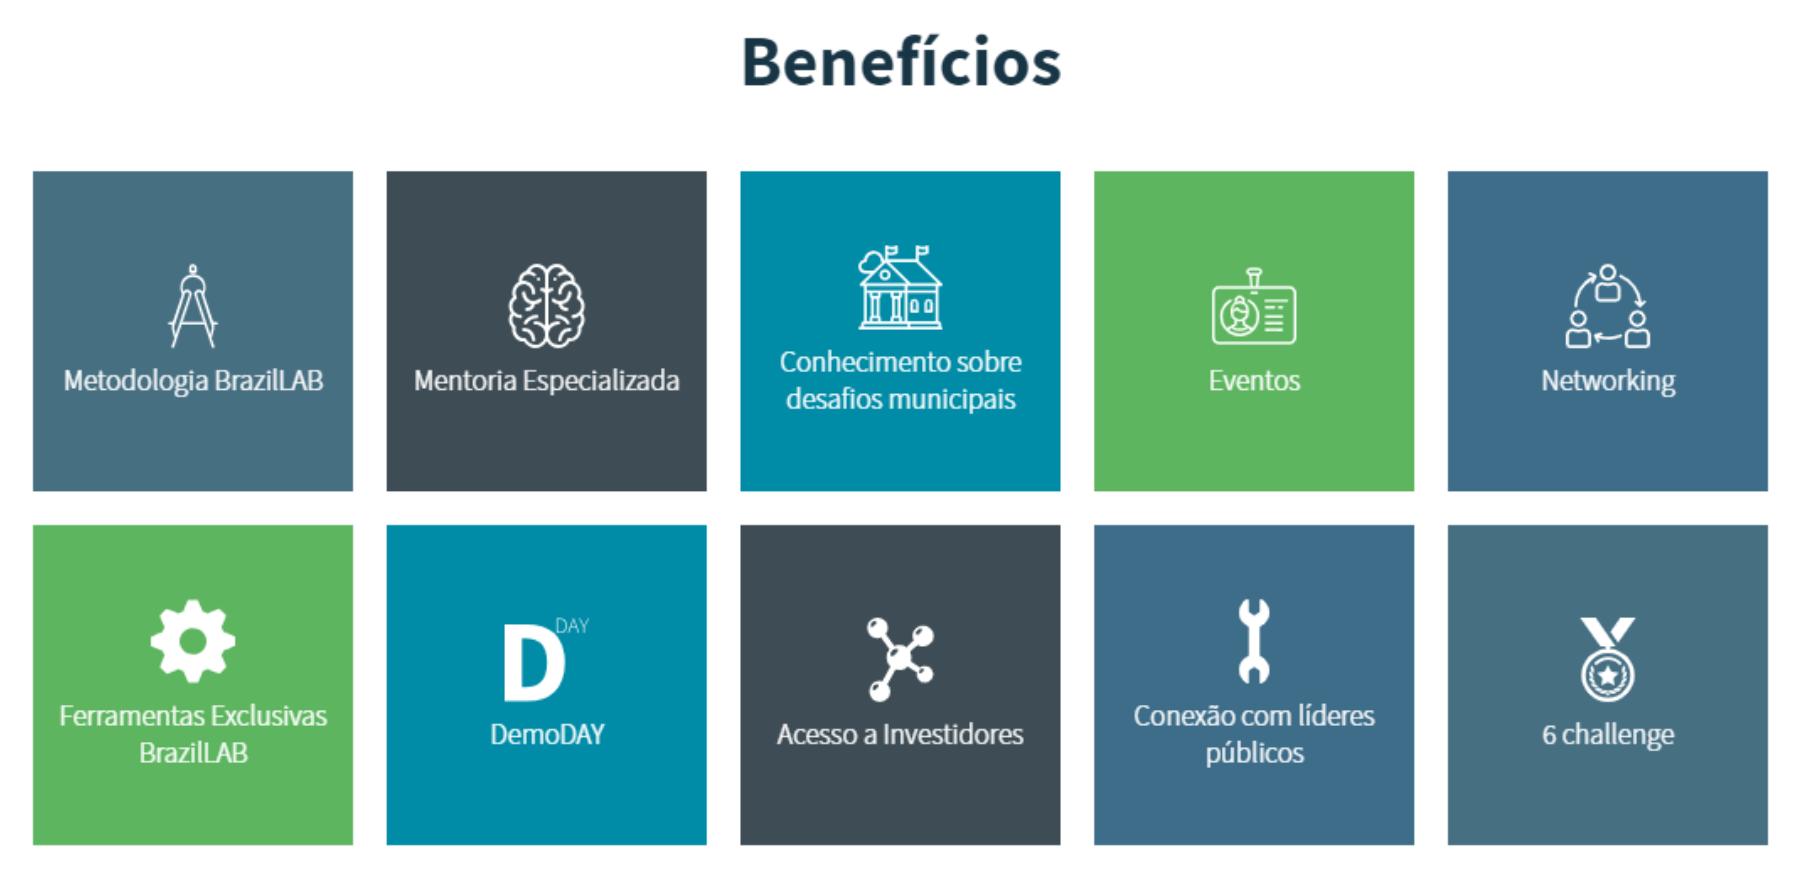 Benefícios do Programa BrazilLAB